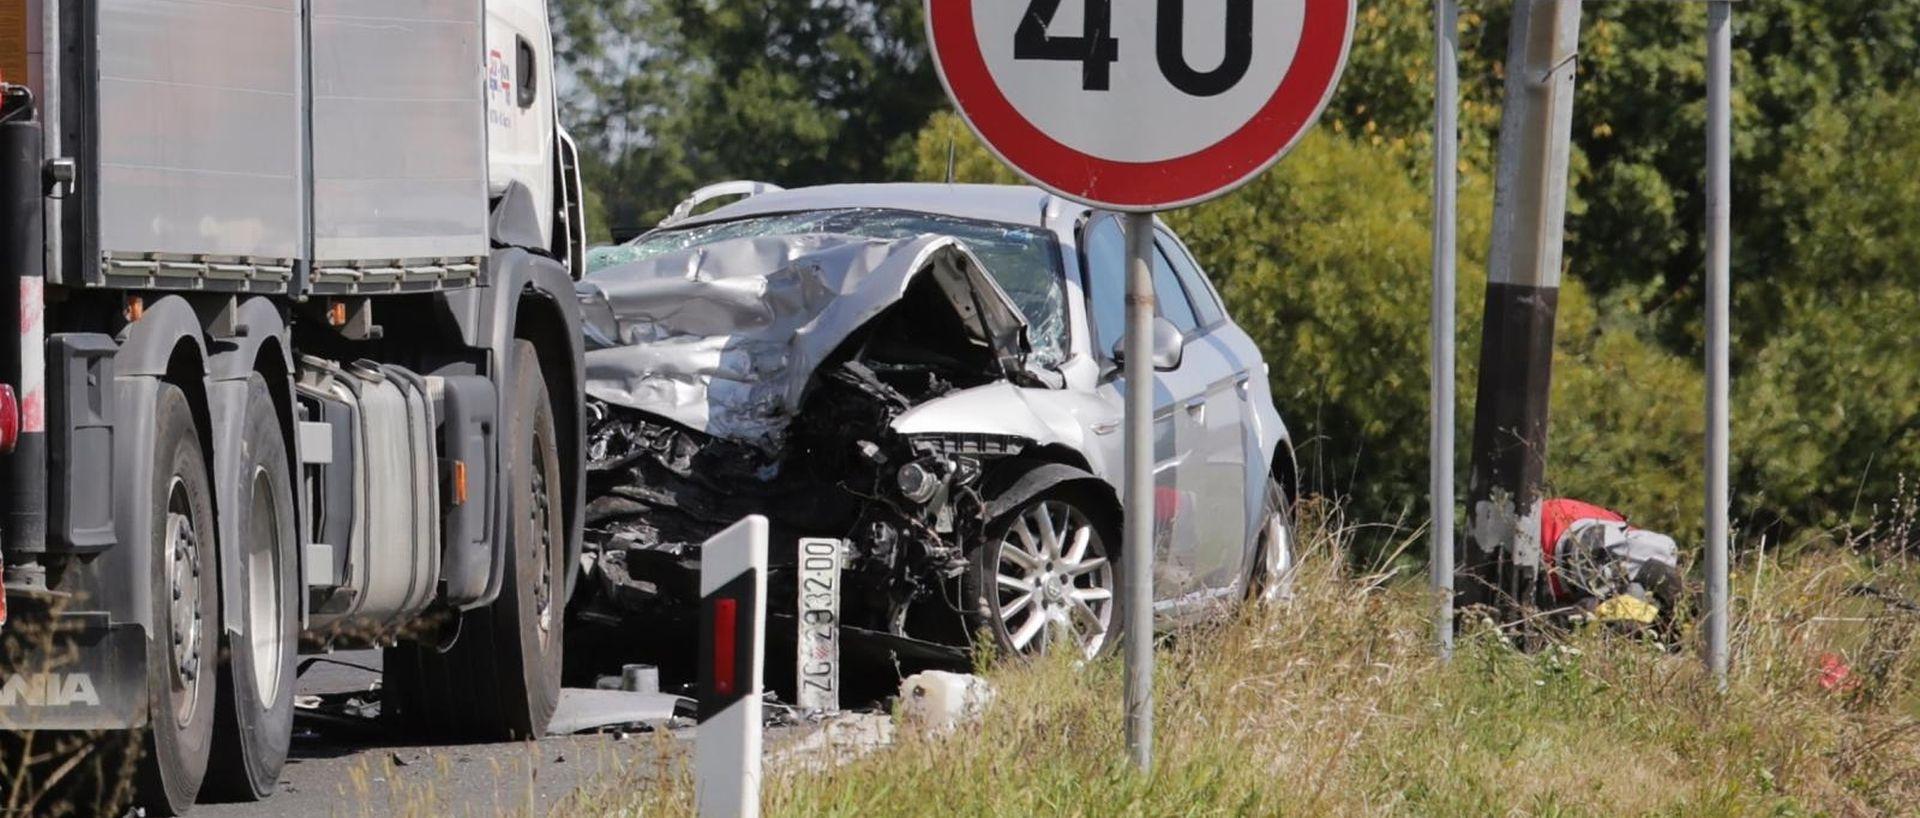 STRAŠNA NESREĆA U SAMOBORU 86-godišnjak se frontalno zabio u kamion